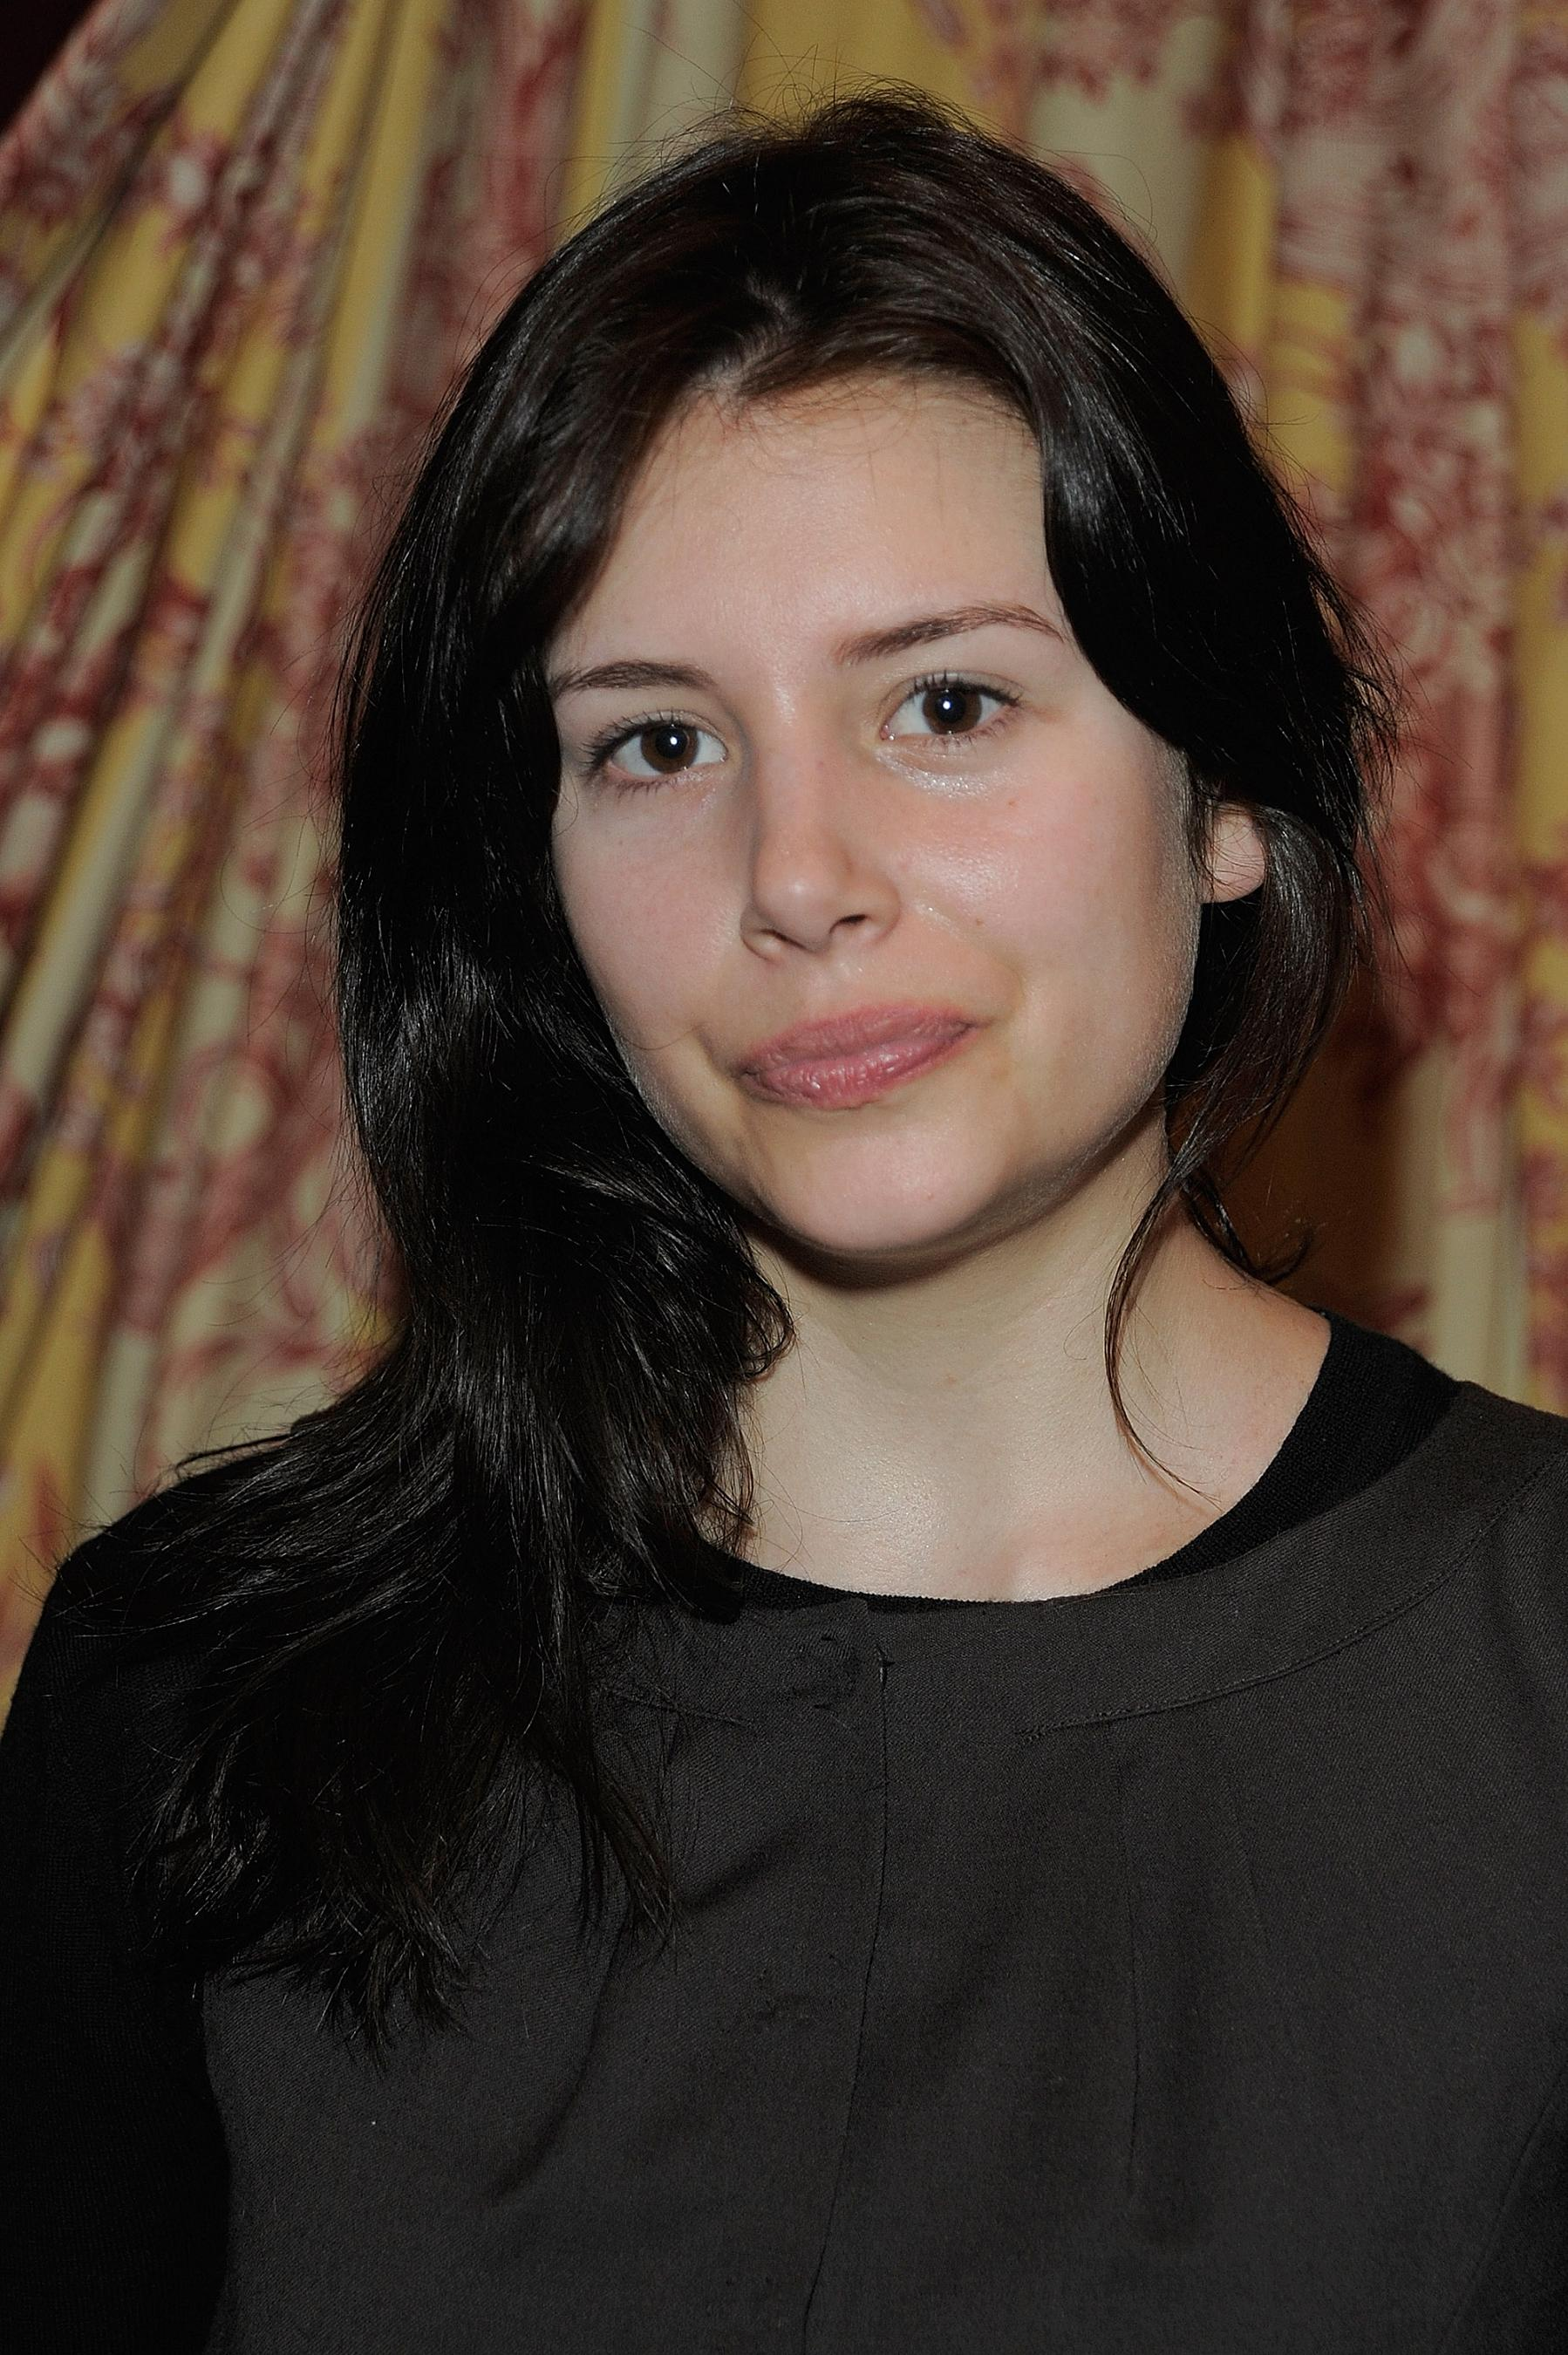 Louise Monot - Wallpaper Actress